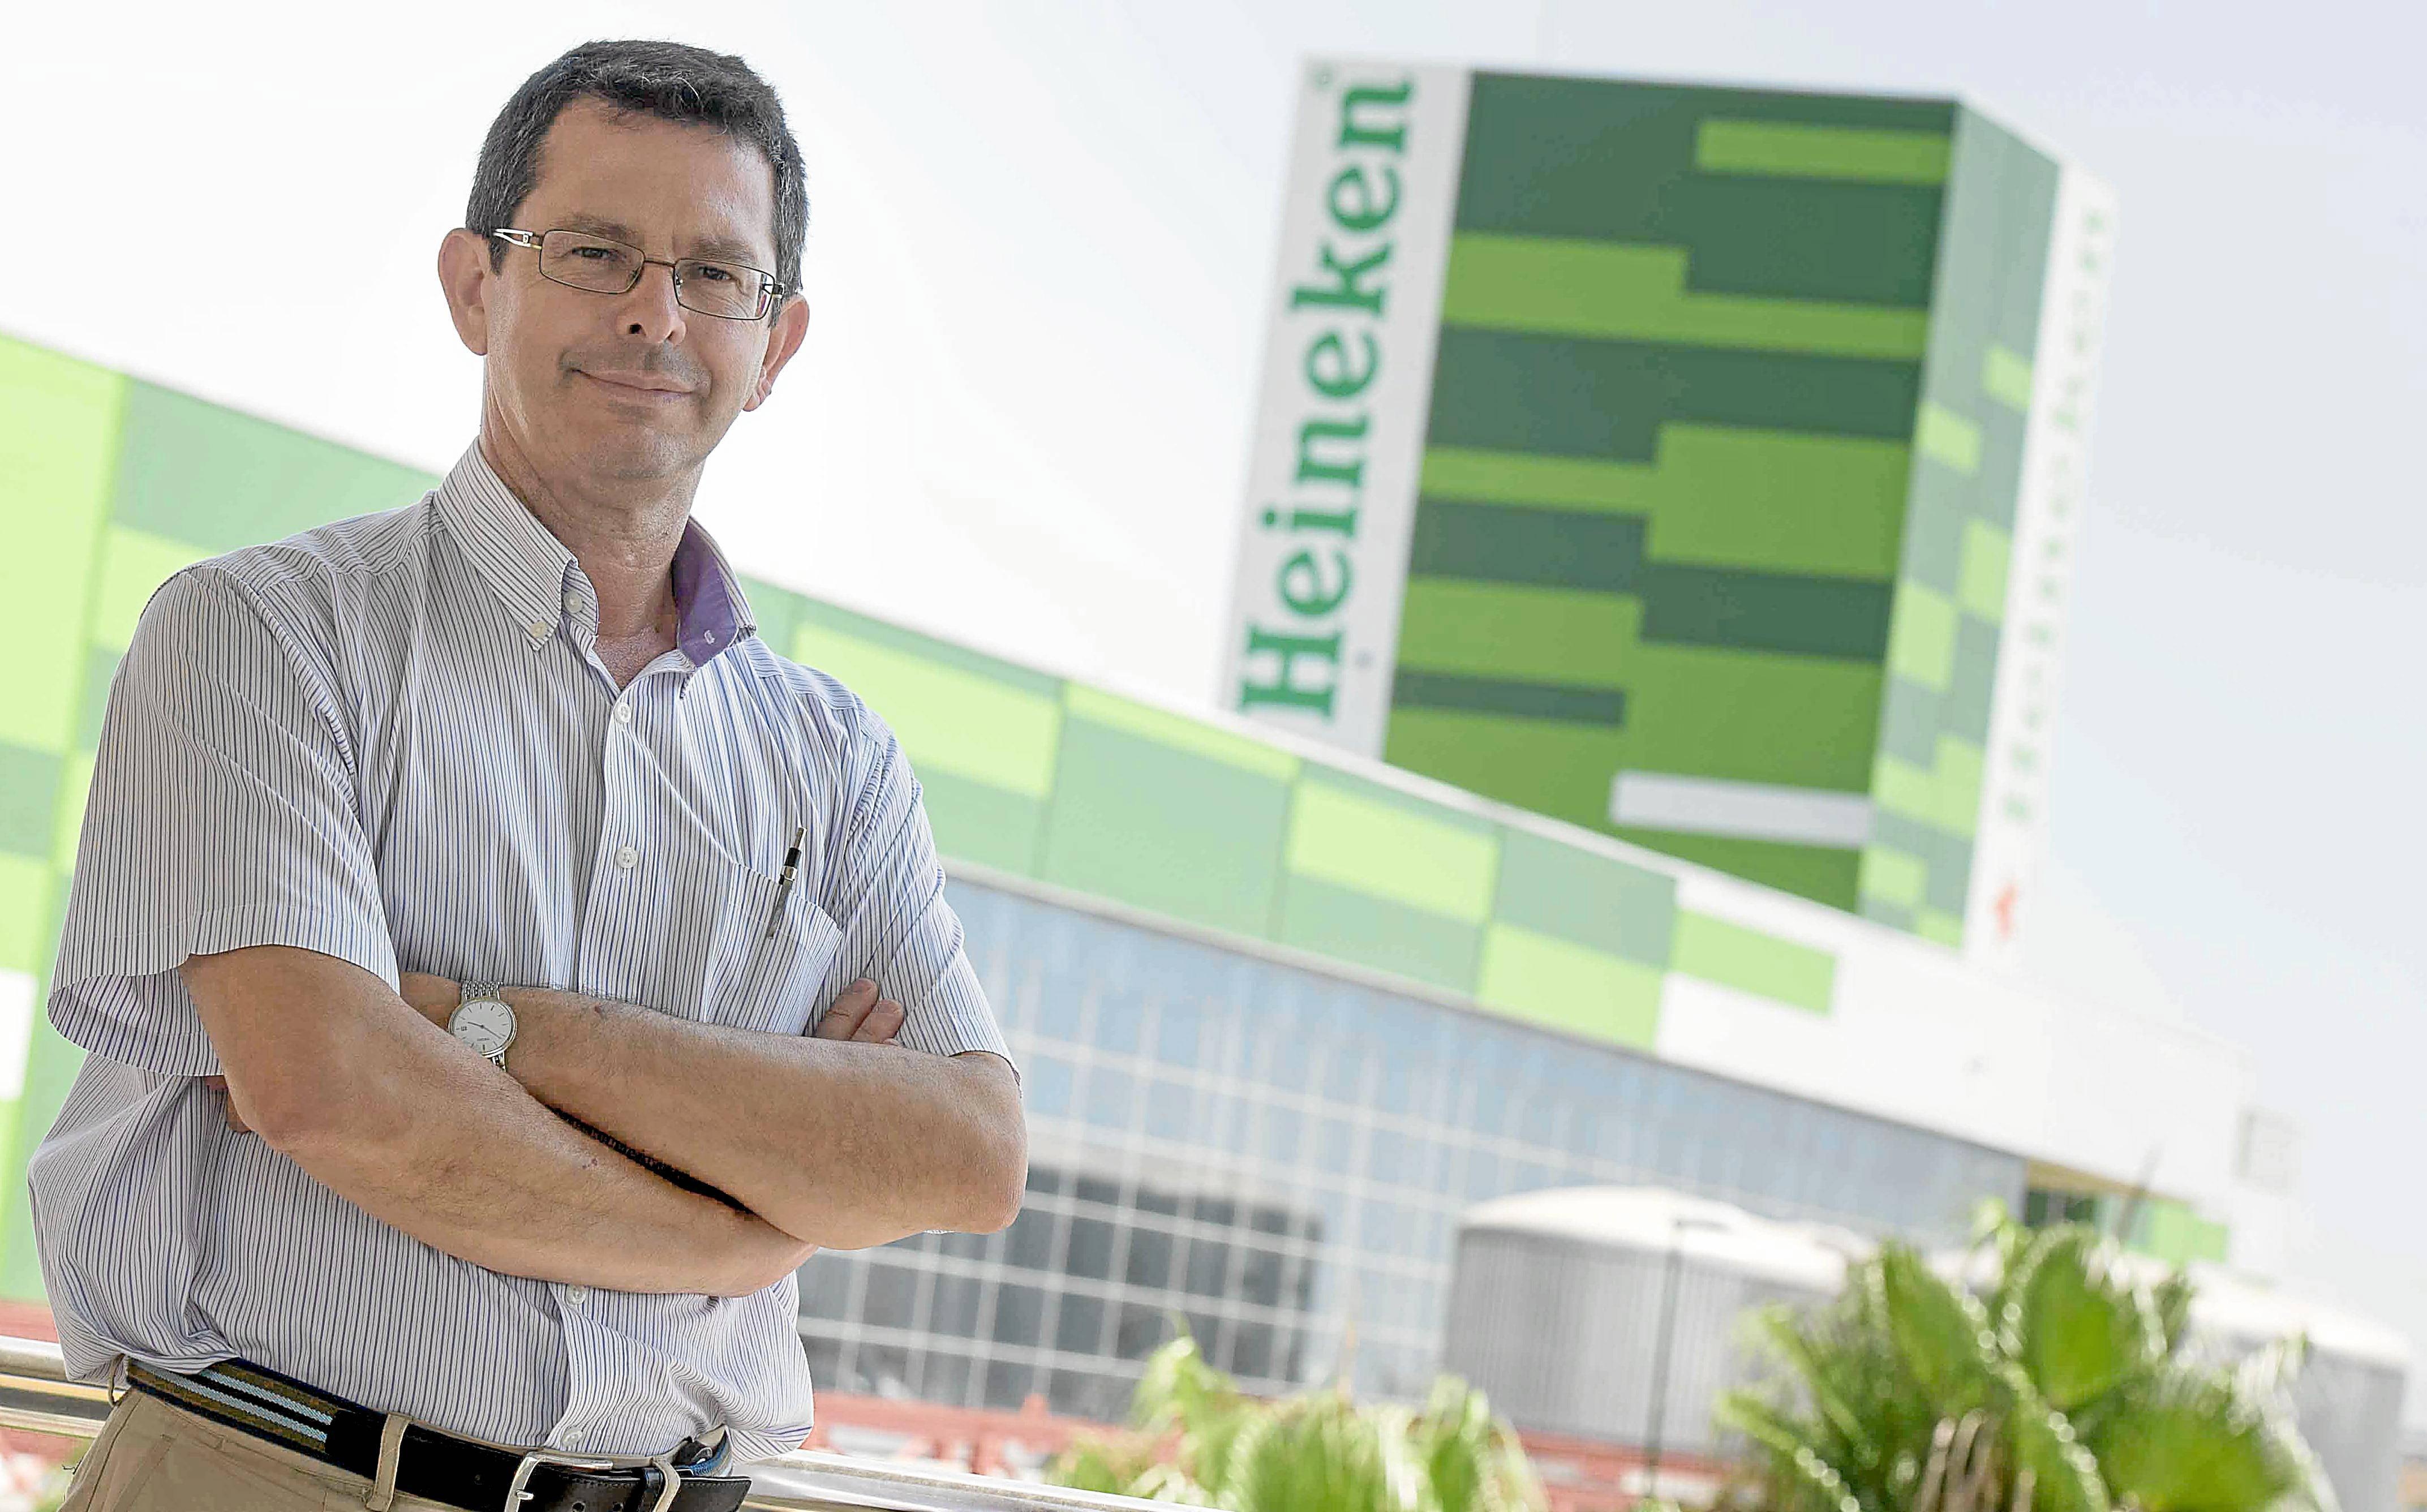 Sevilla 25-07-14  Fabrica de Heineken (Cruzcampo)<br /><br /><br /><br />  Maestro cervecero,